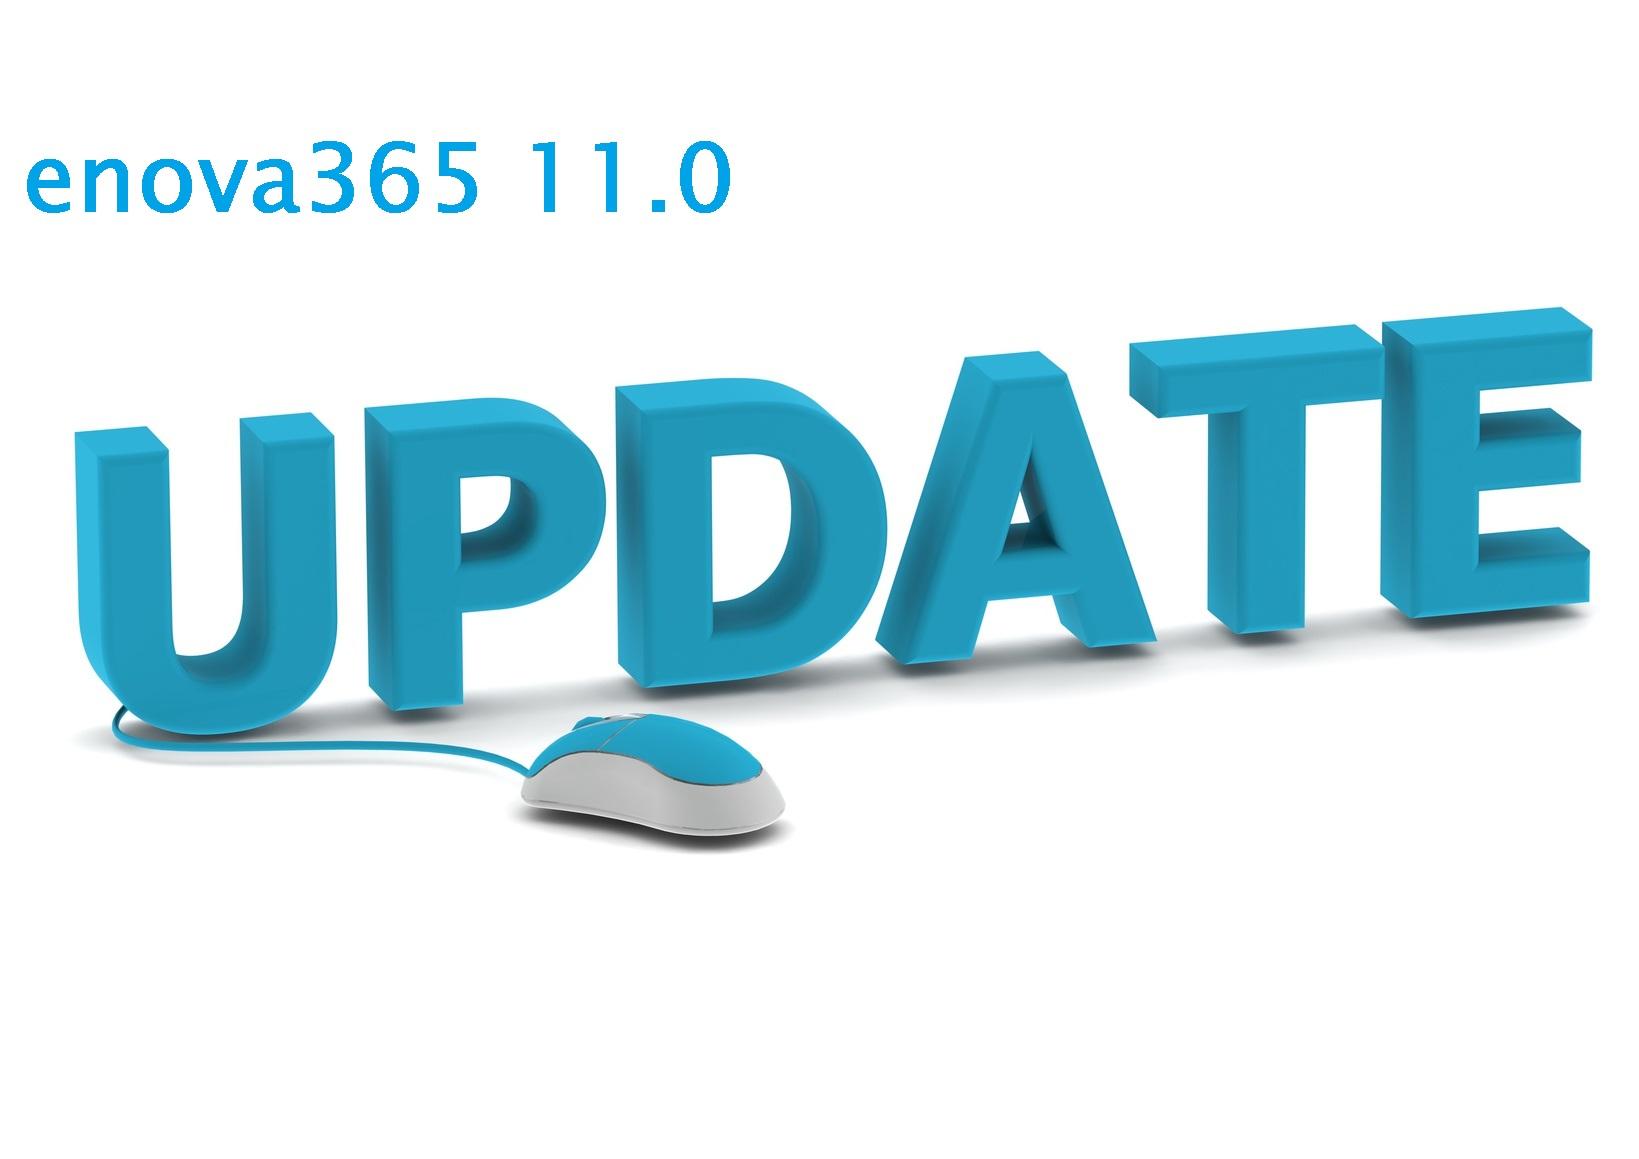 enova 11.0.5752 - nowa wersja